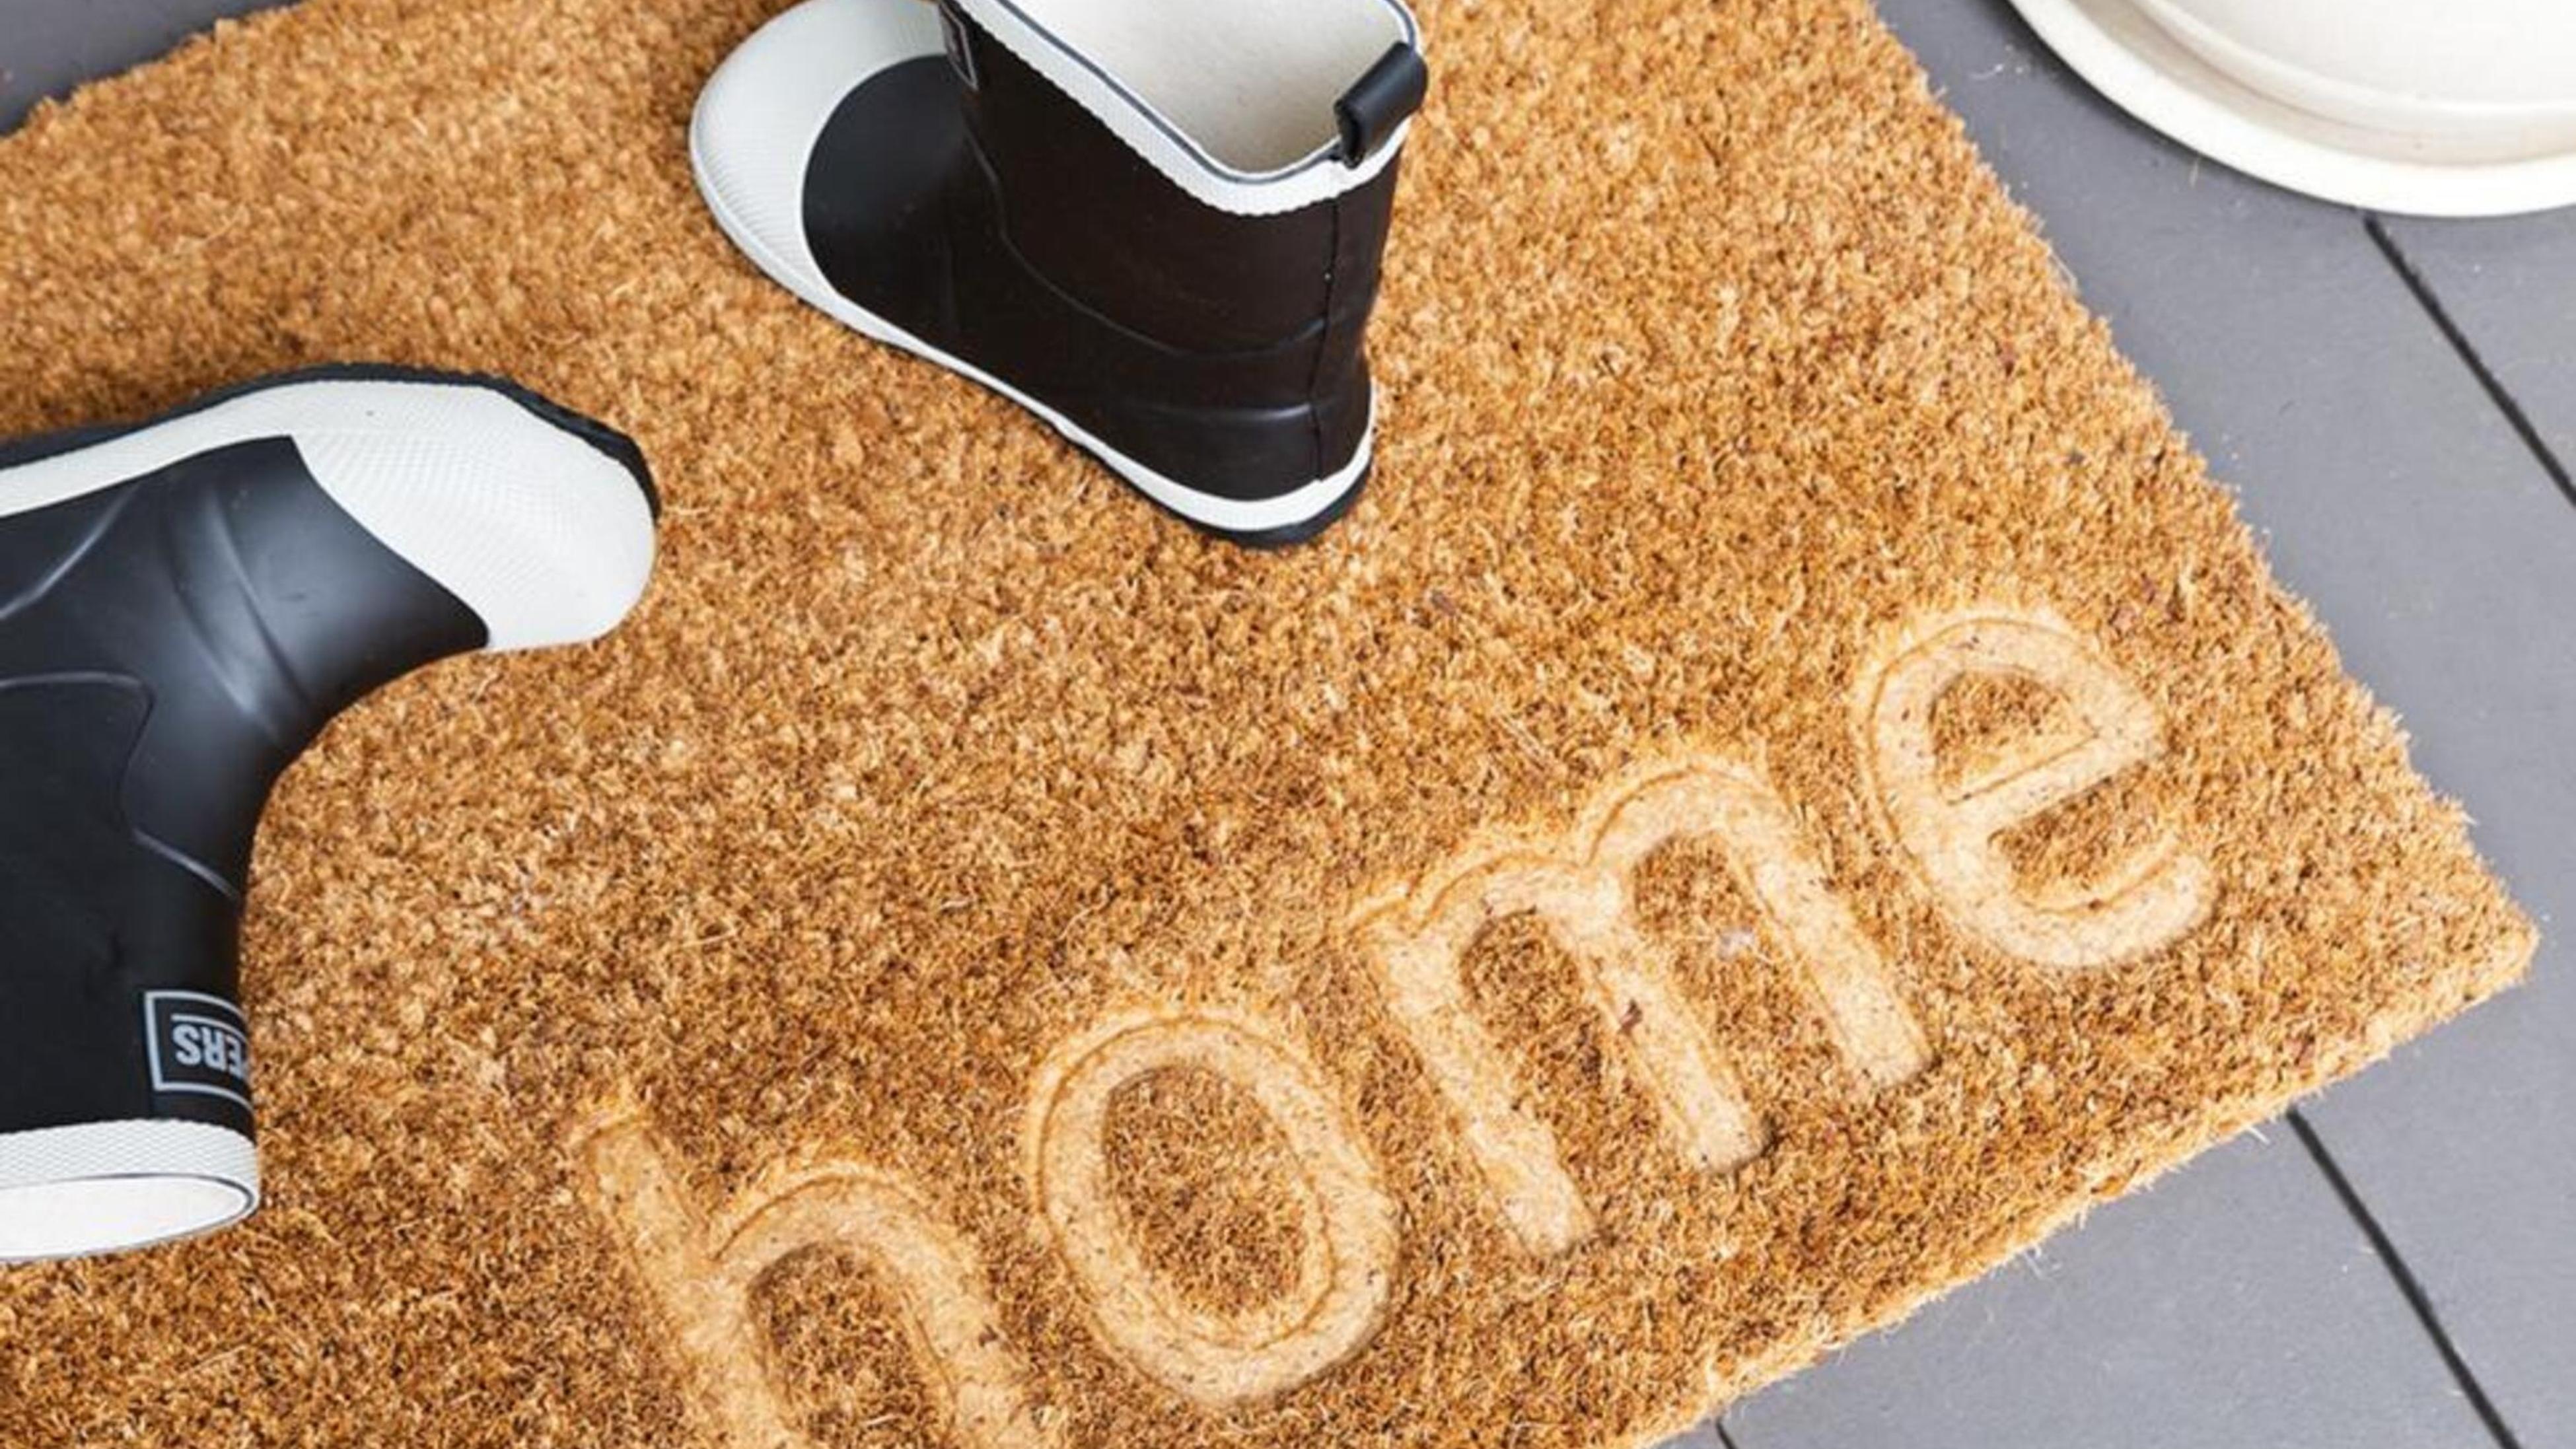 Door mat with gumboots on it.